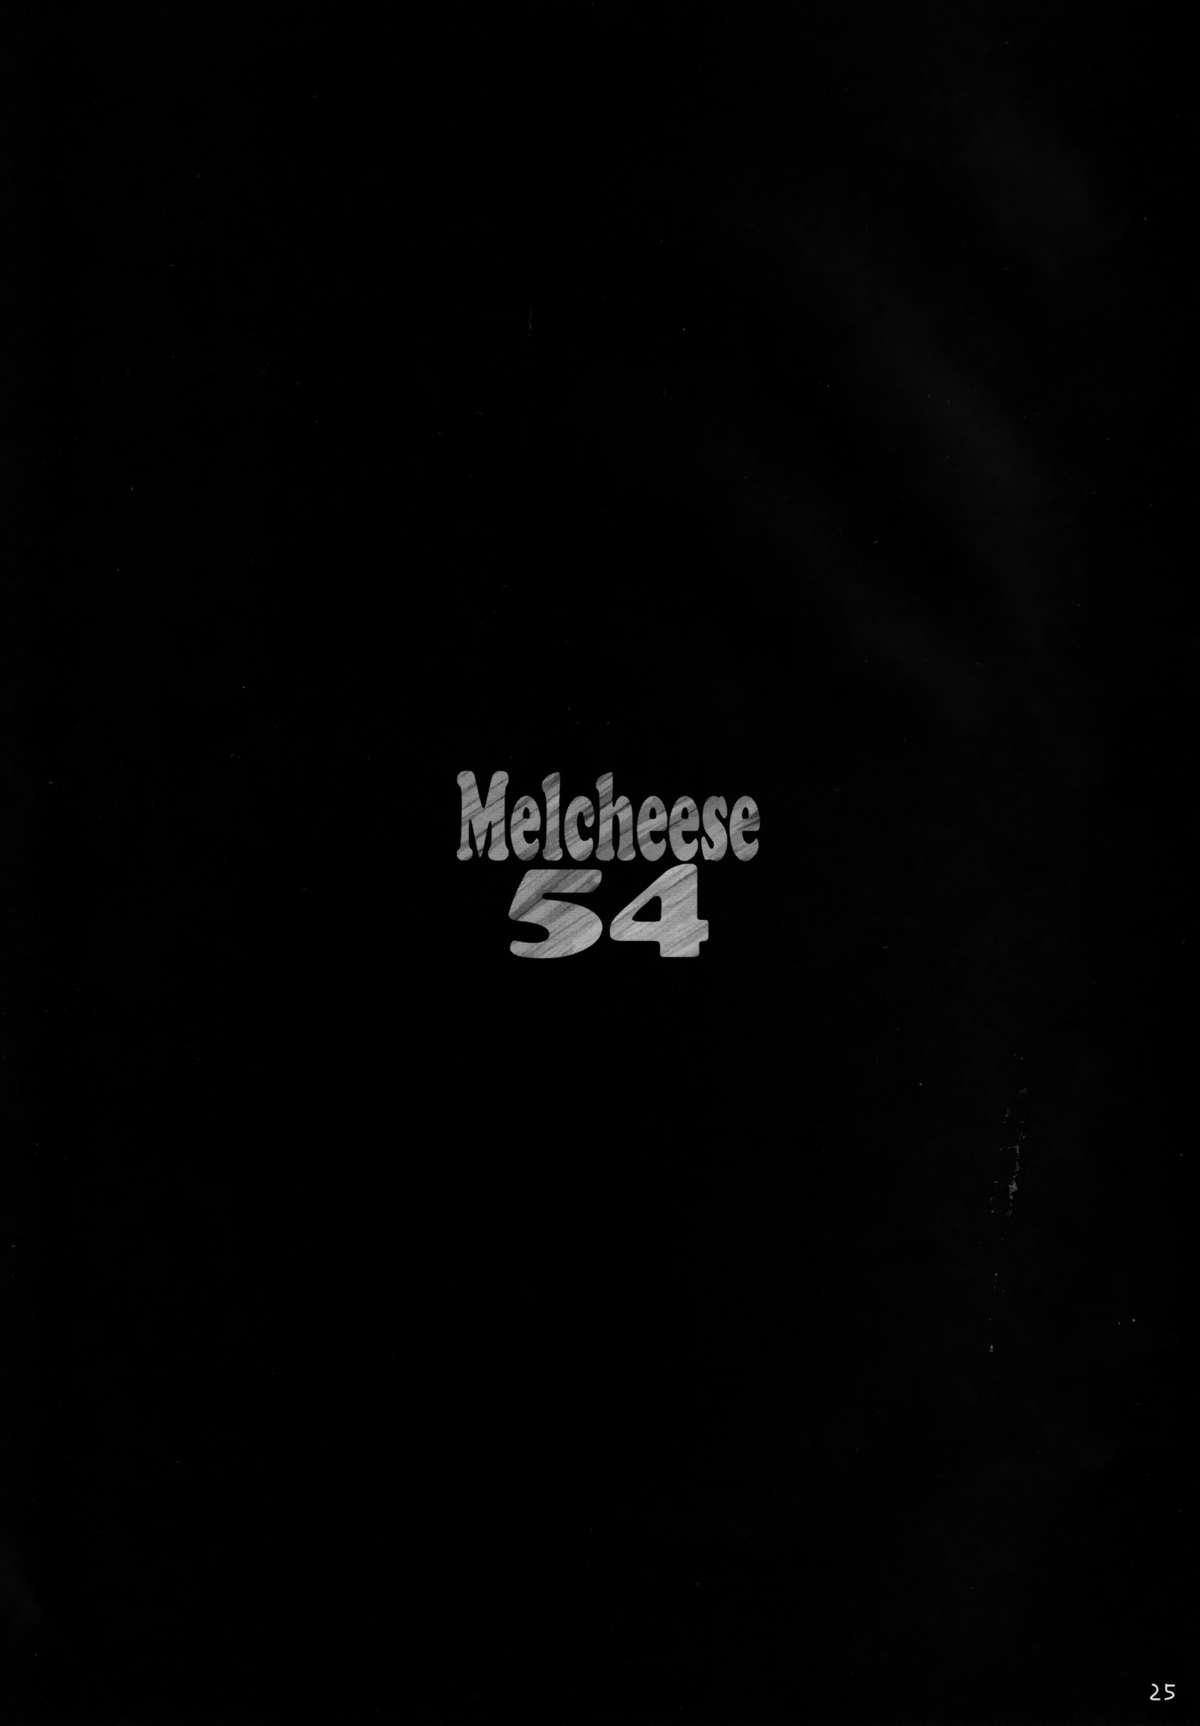 Melcheese 54 24